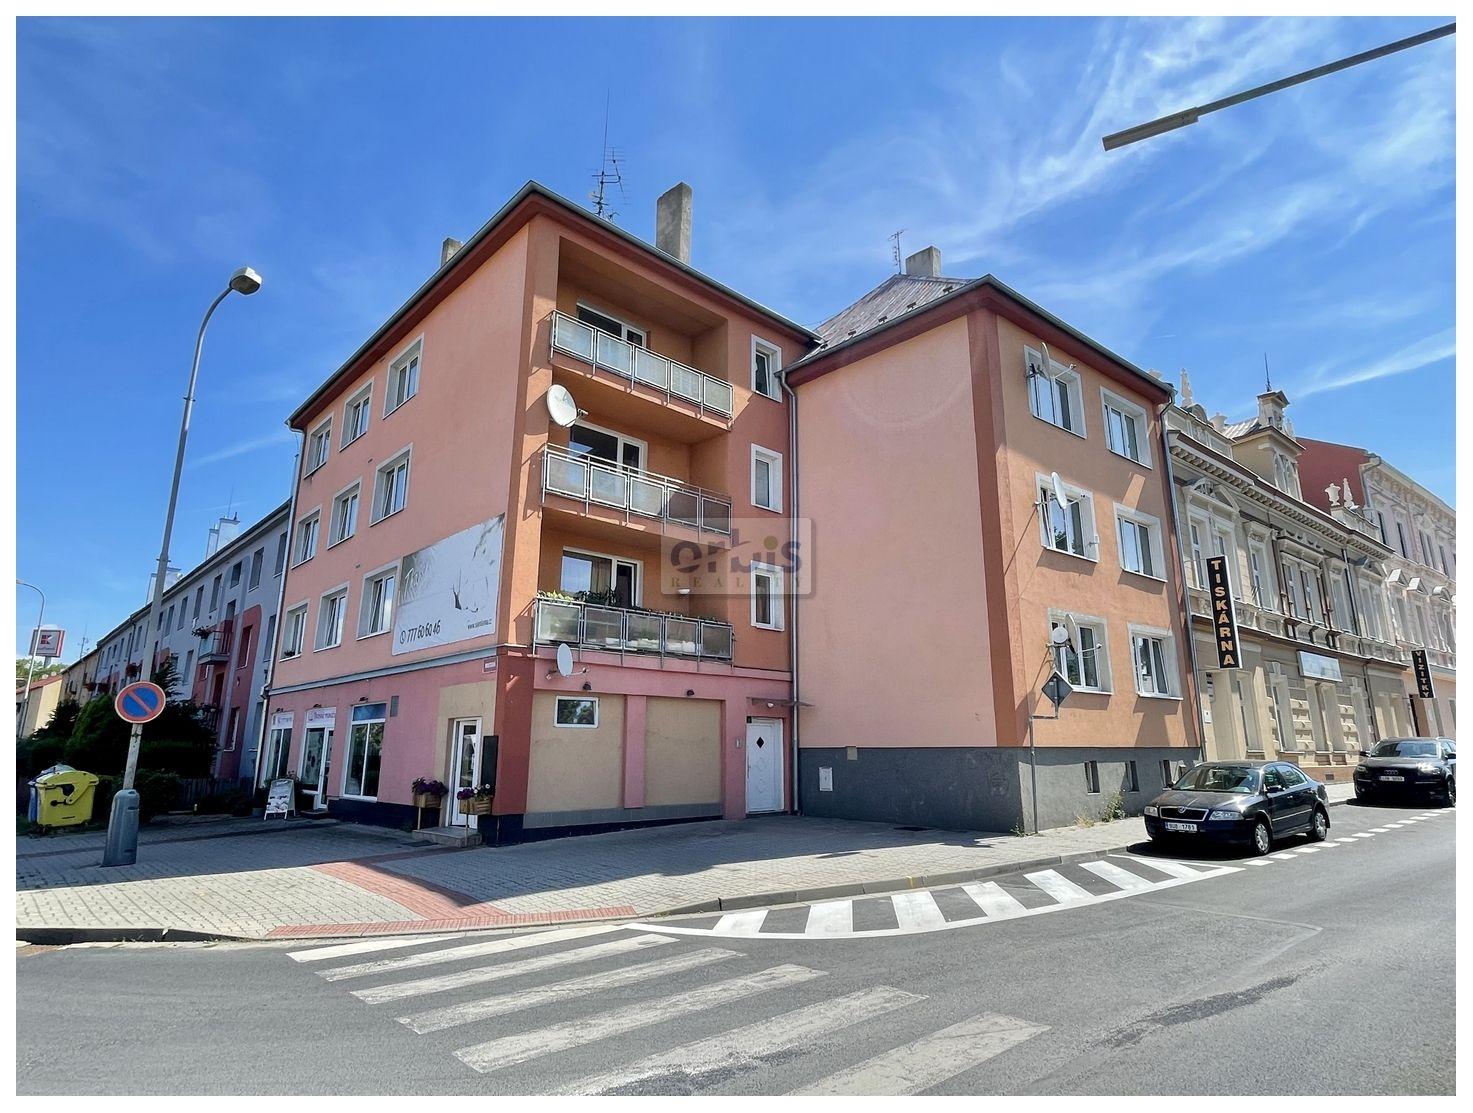 Bytový dům 1076 m2, 9 bytů, 2x komerční prostor, půda vhodná k výstavbě Chomutov - centrum.